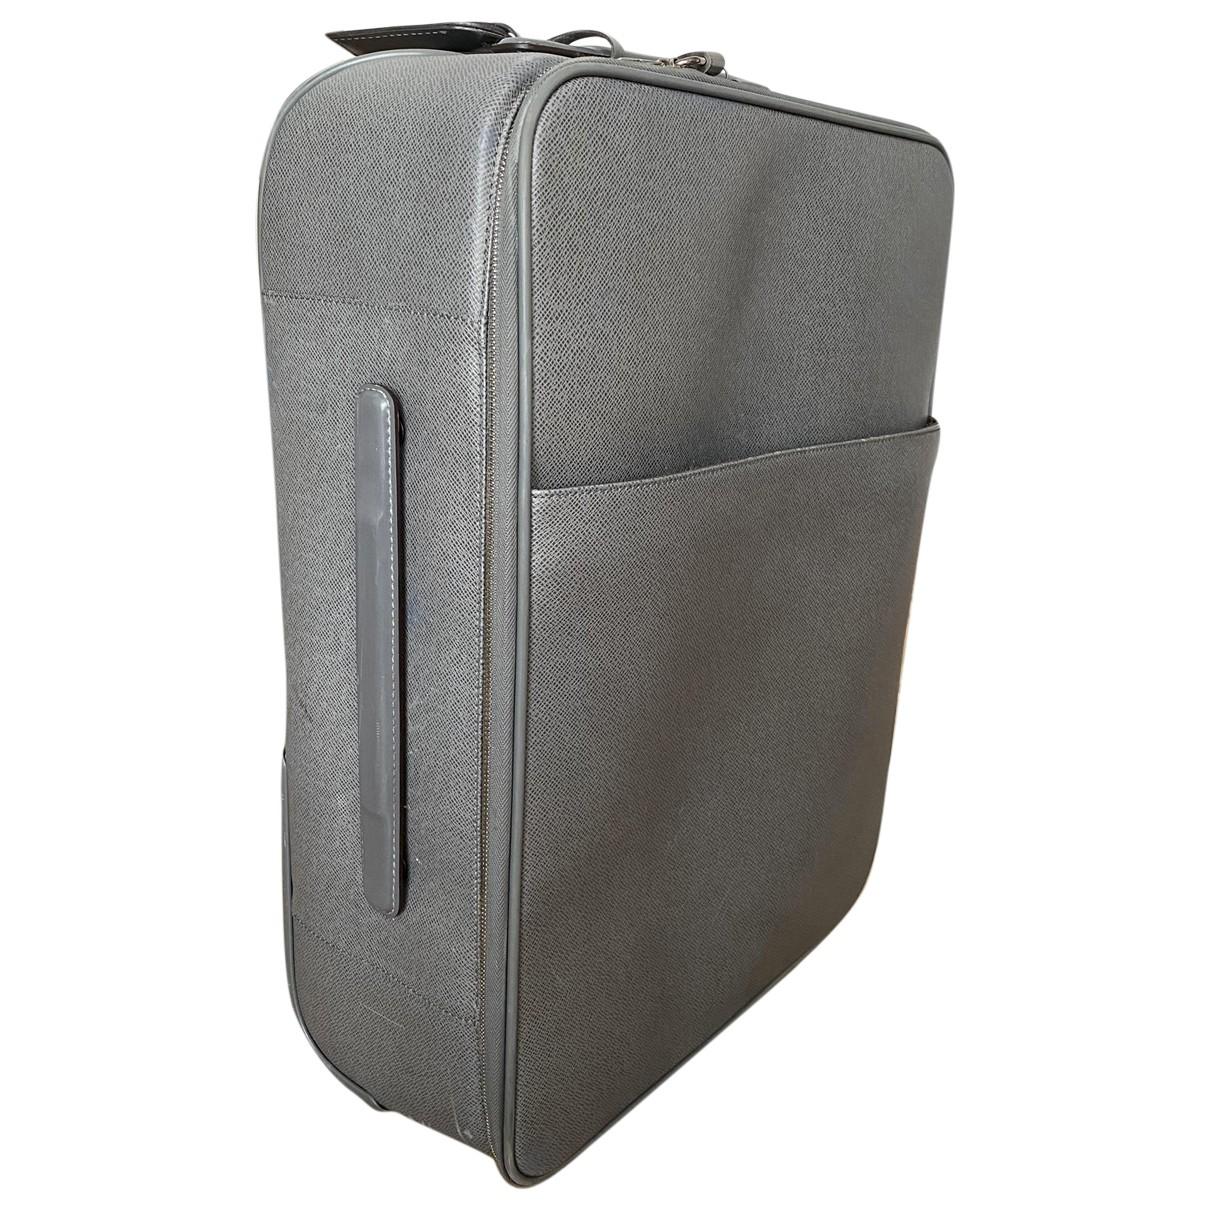 Louis Vuitton - Sac de voyage Pegase pour femme en cuir - gris